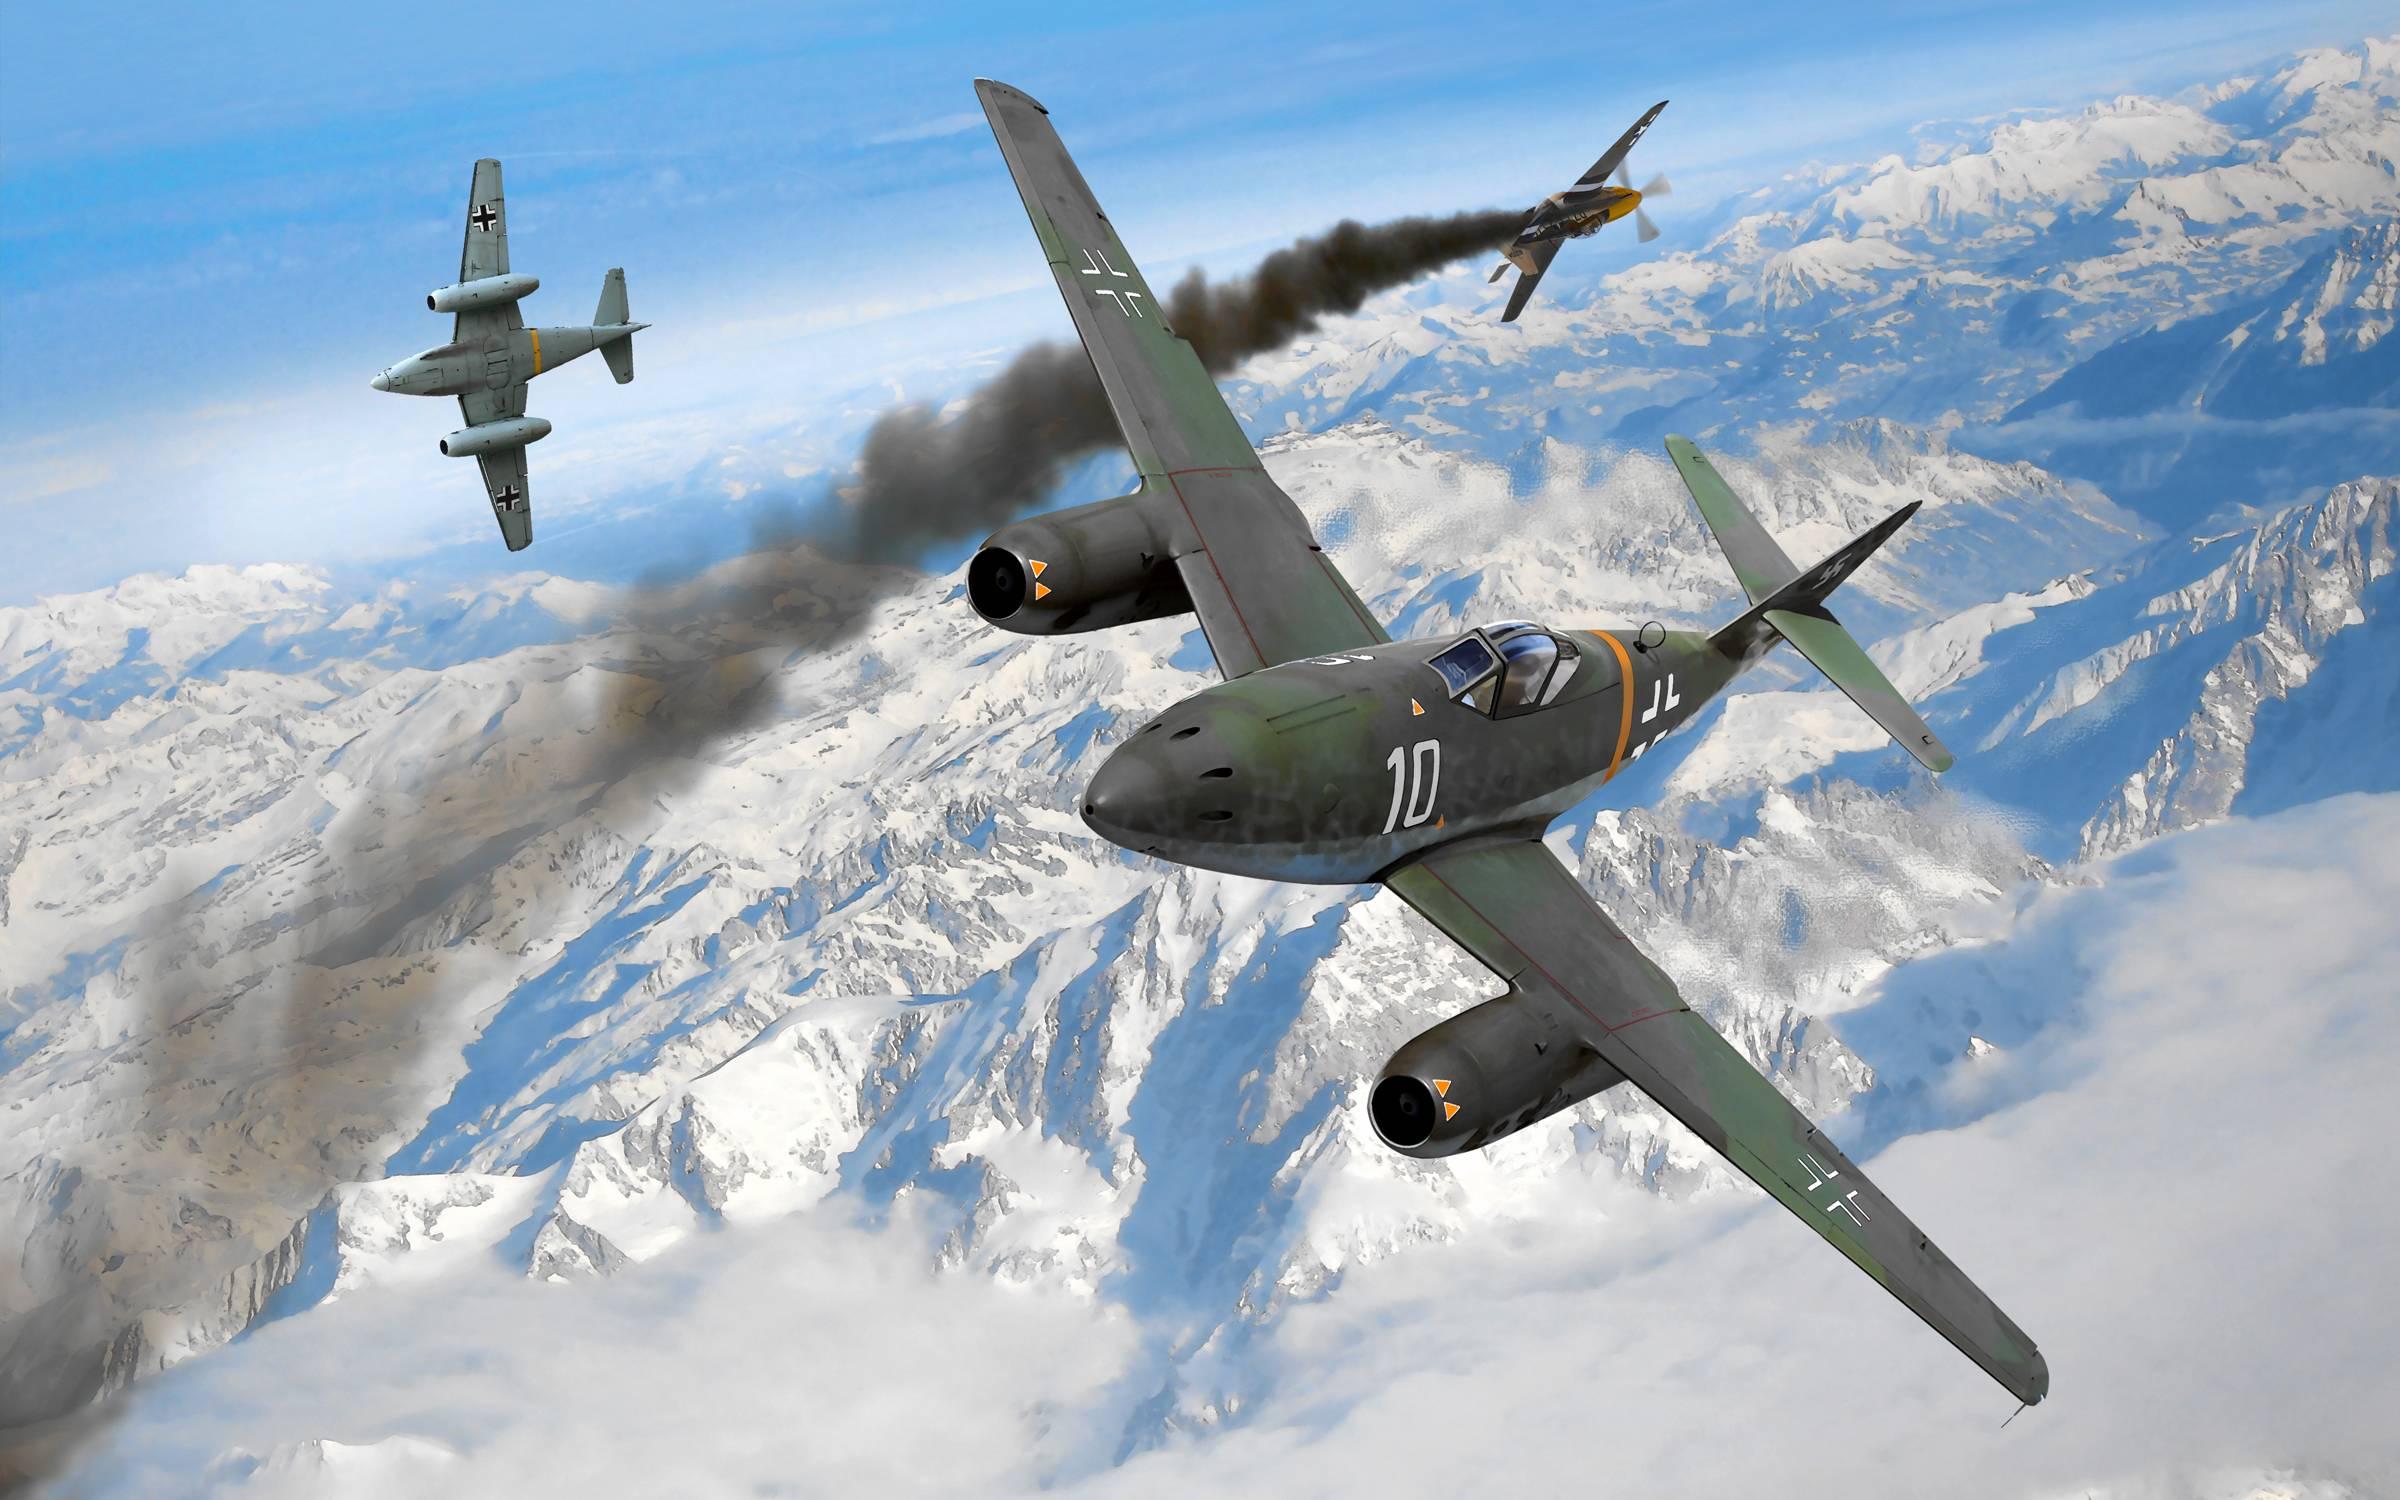 Messerschmitt Me 262 Wallpapers - Wallpaper Cave